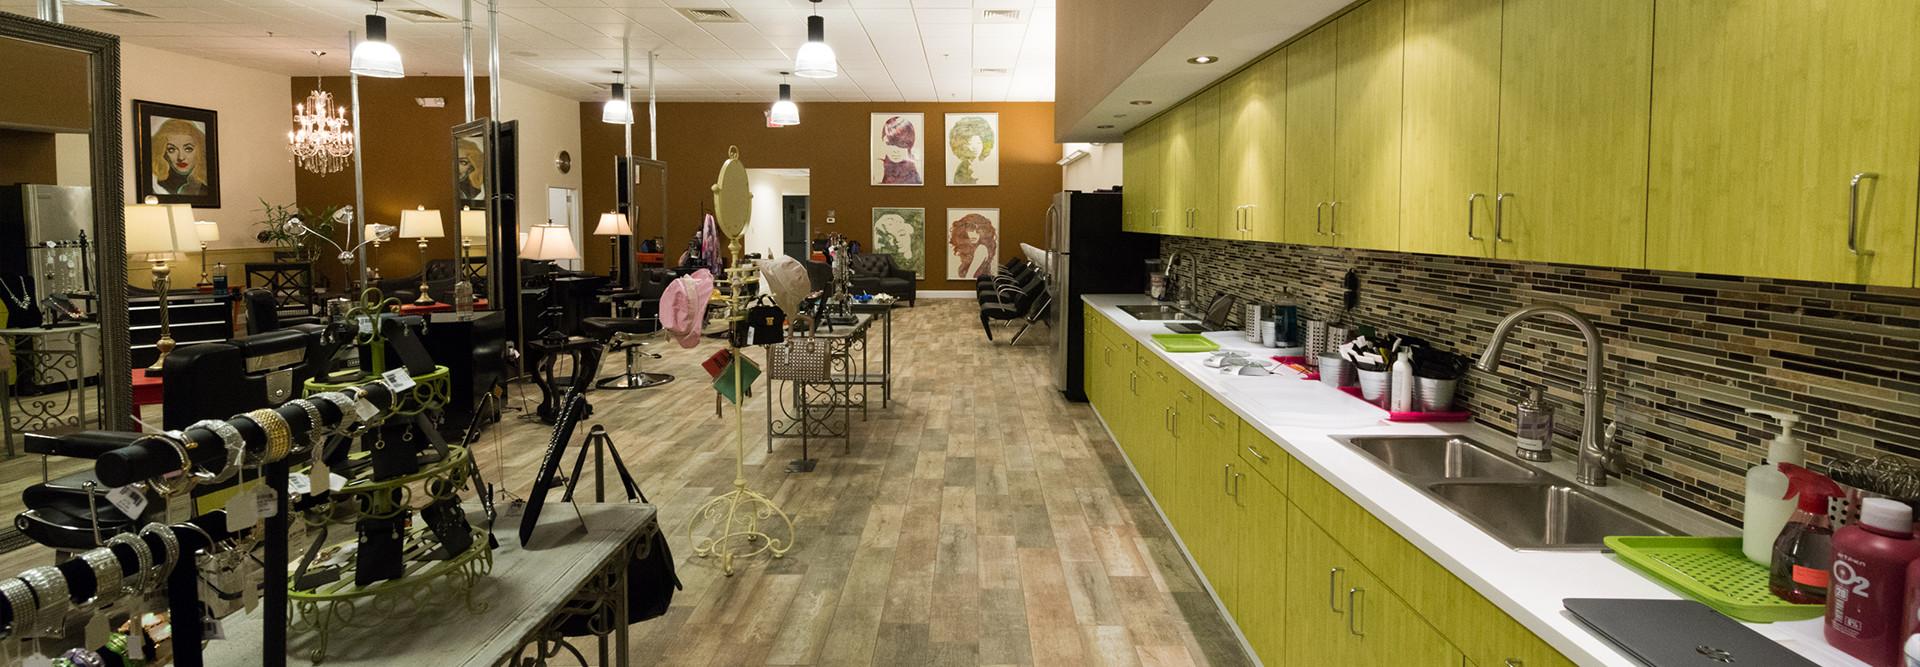 slider-style-lounge-kitchen